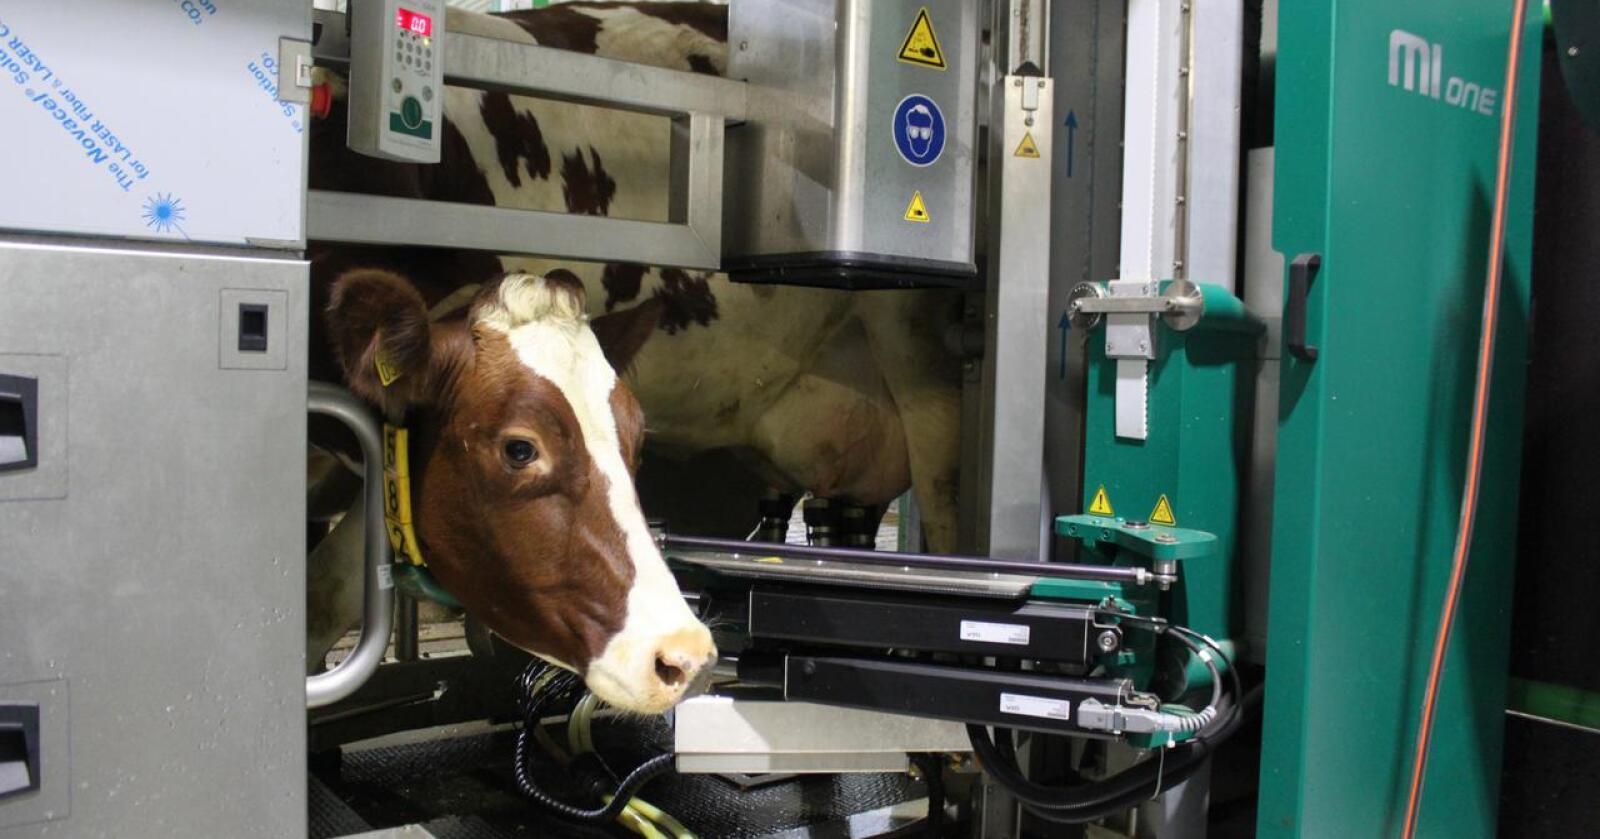 NY IMPORTØR: Islandske Lifland overtar salg og service av GEA sine produkter i Norge når Reime Landteknikk gir seg. Arkivfoto: Norsk Landbruk